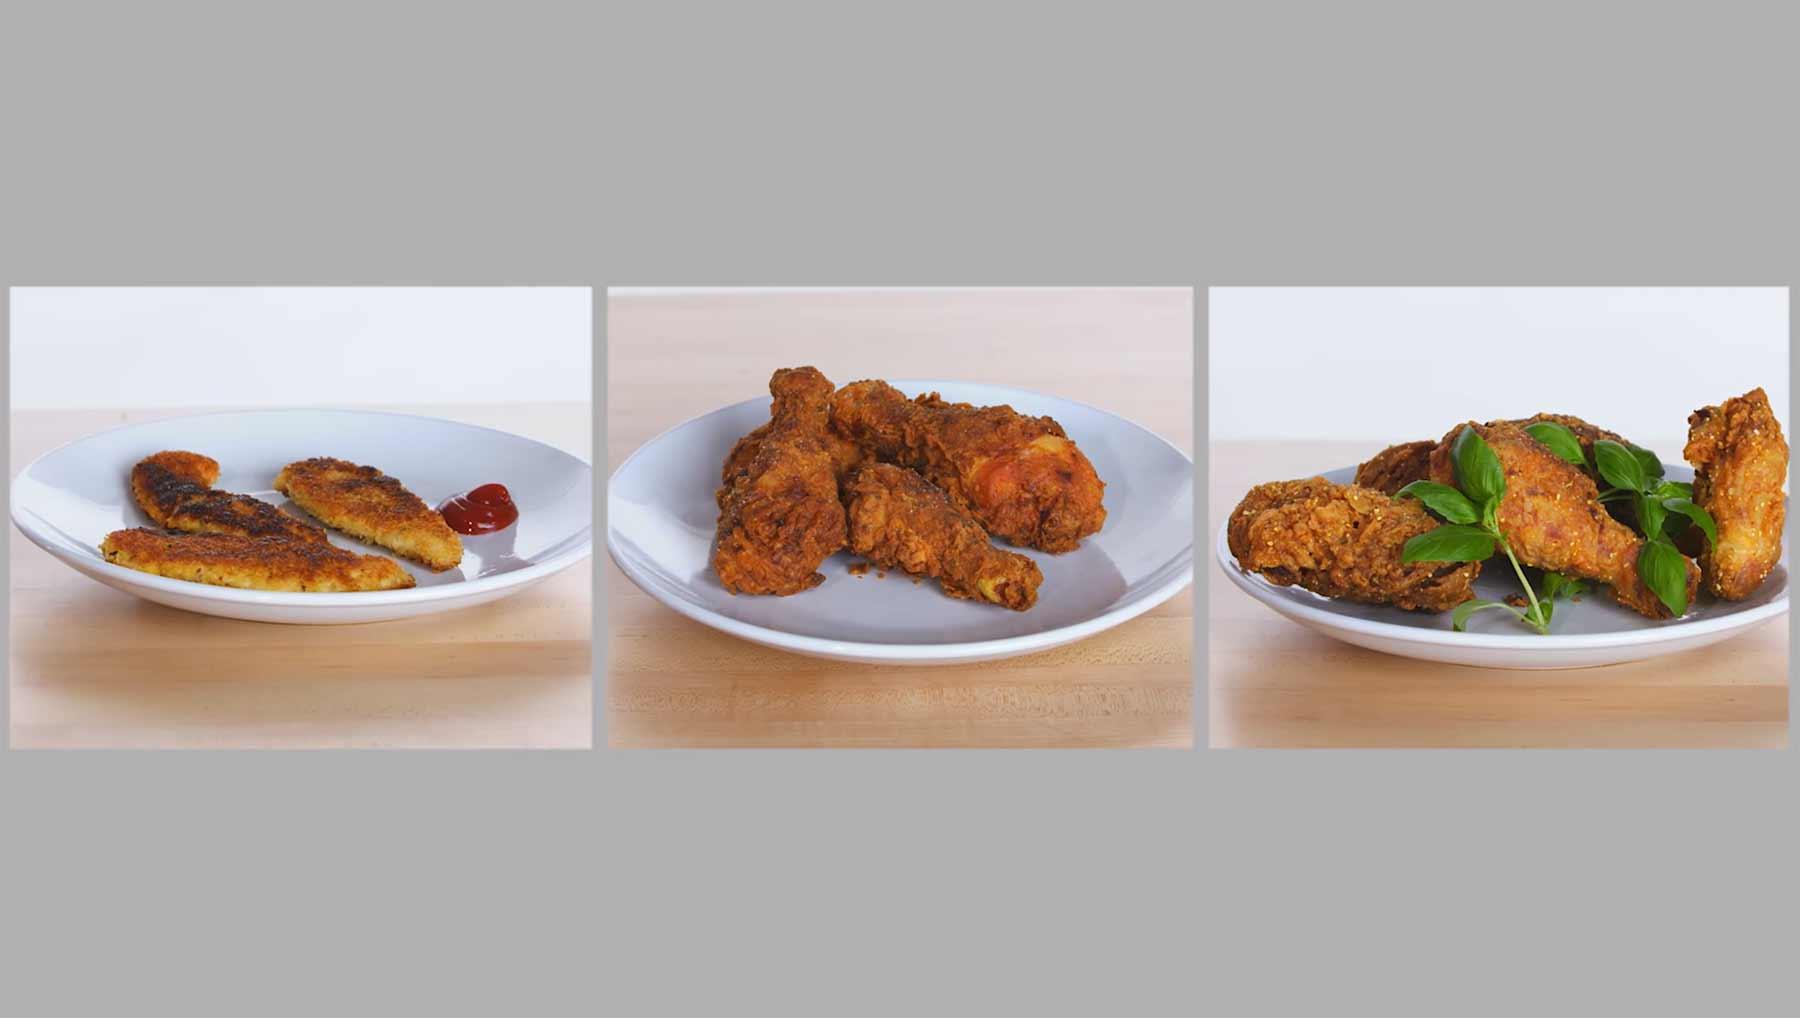 Köche unterschiedlicher Fähigkeitsstufen machen Fried Chicken